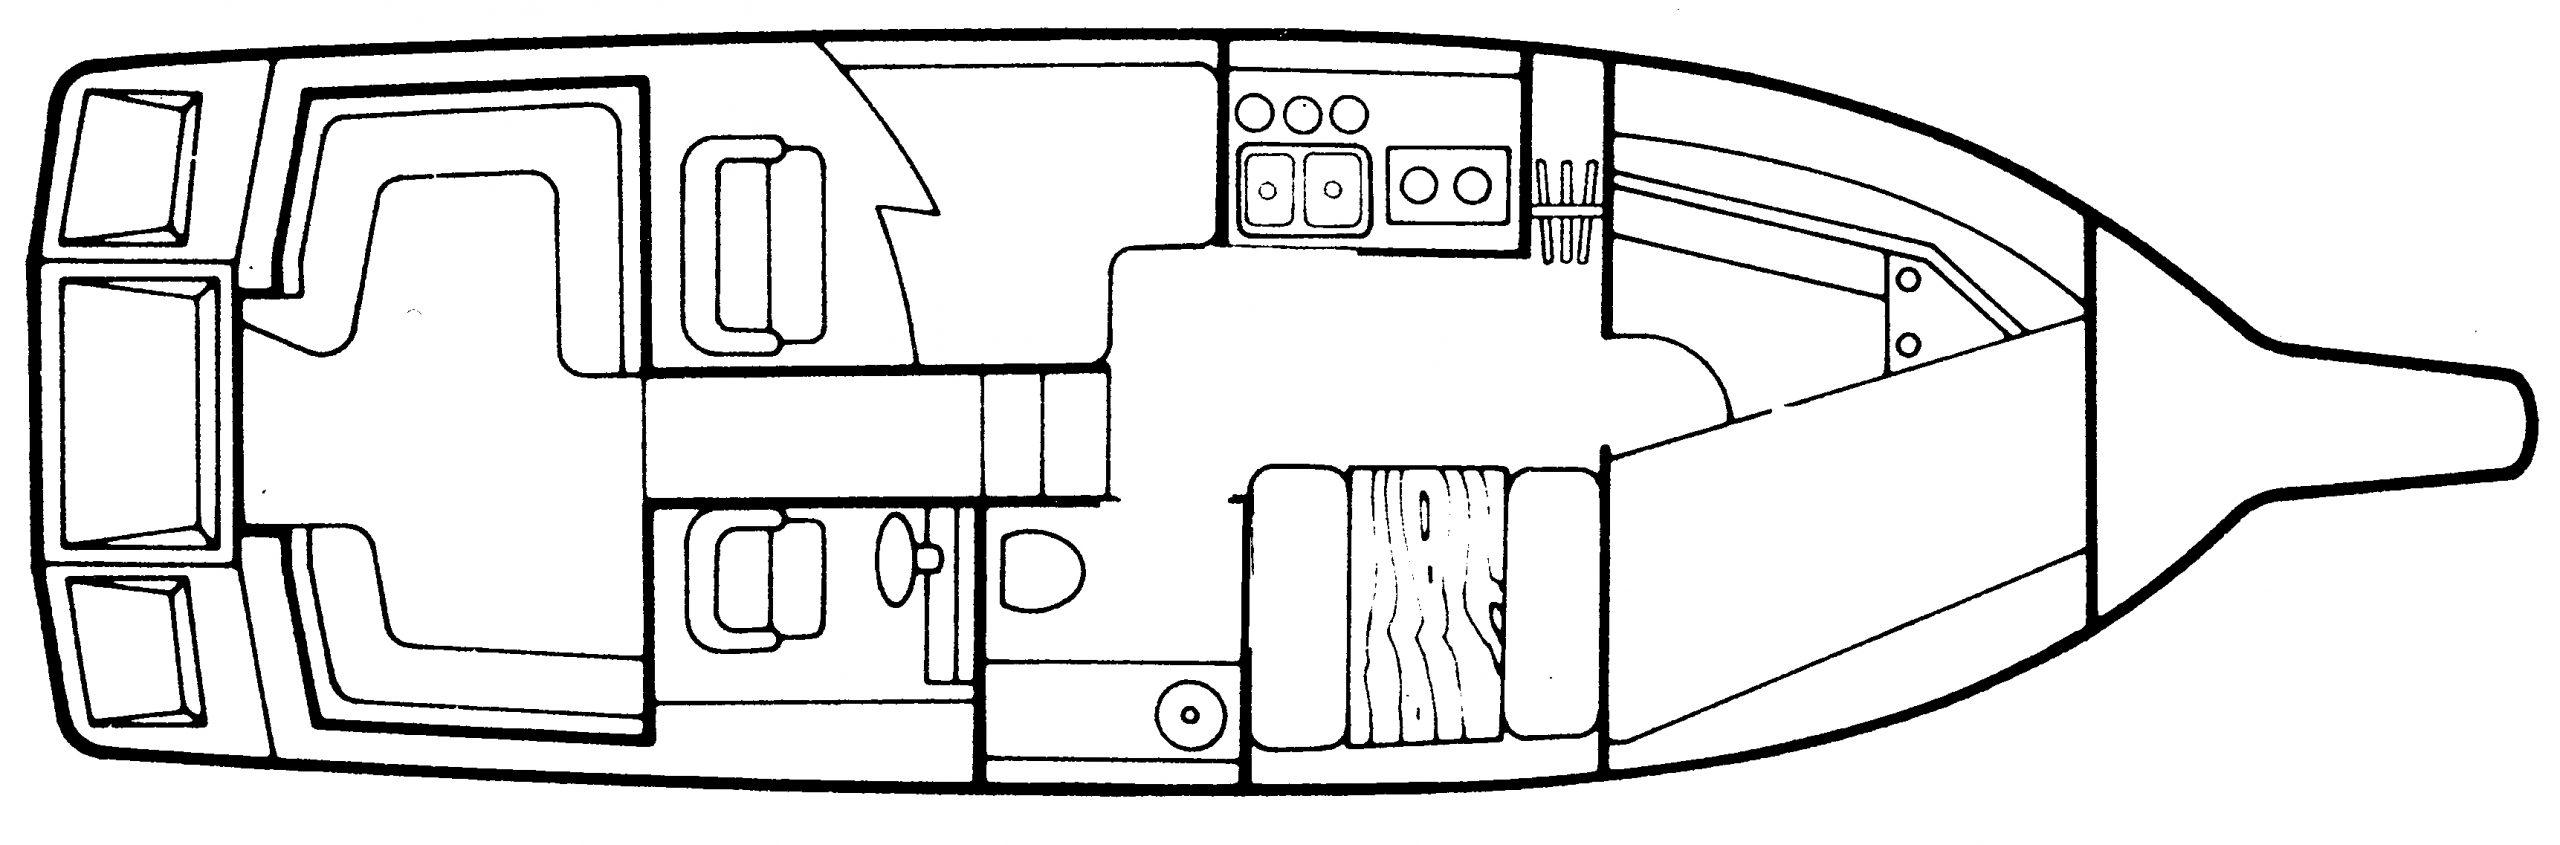 286-2860-3000 Rogue Floor Plan 1